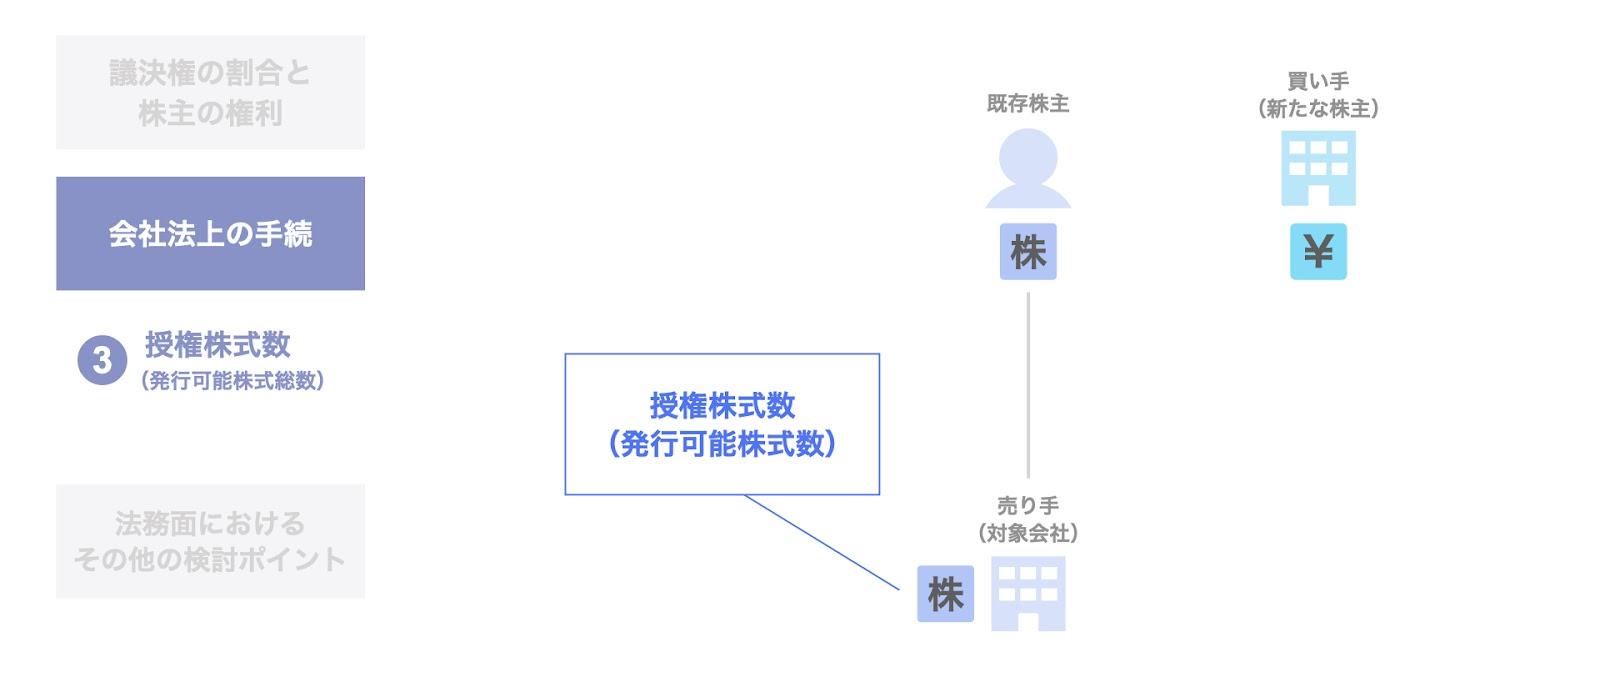 授権株式数(発行可能株式総数)